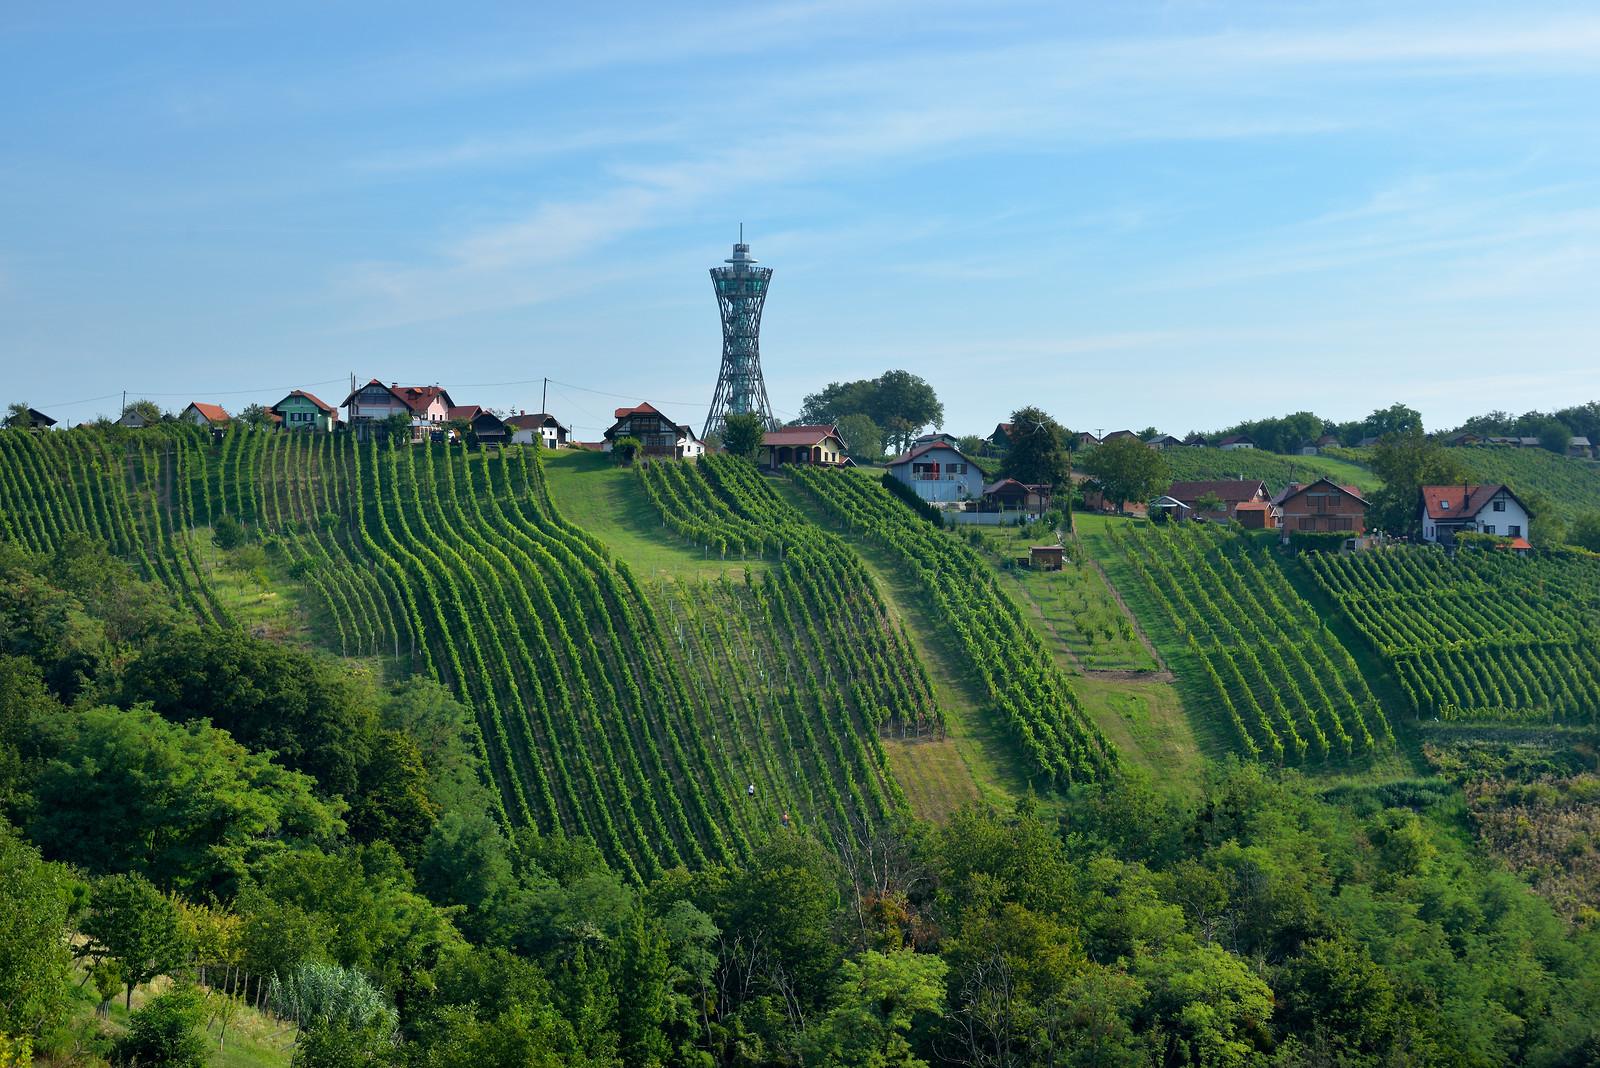 Vineyards and Vinarium Tower in Lendava, Slovenia